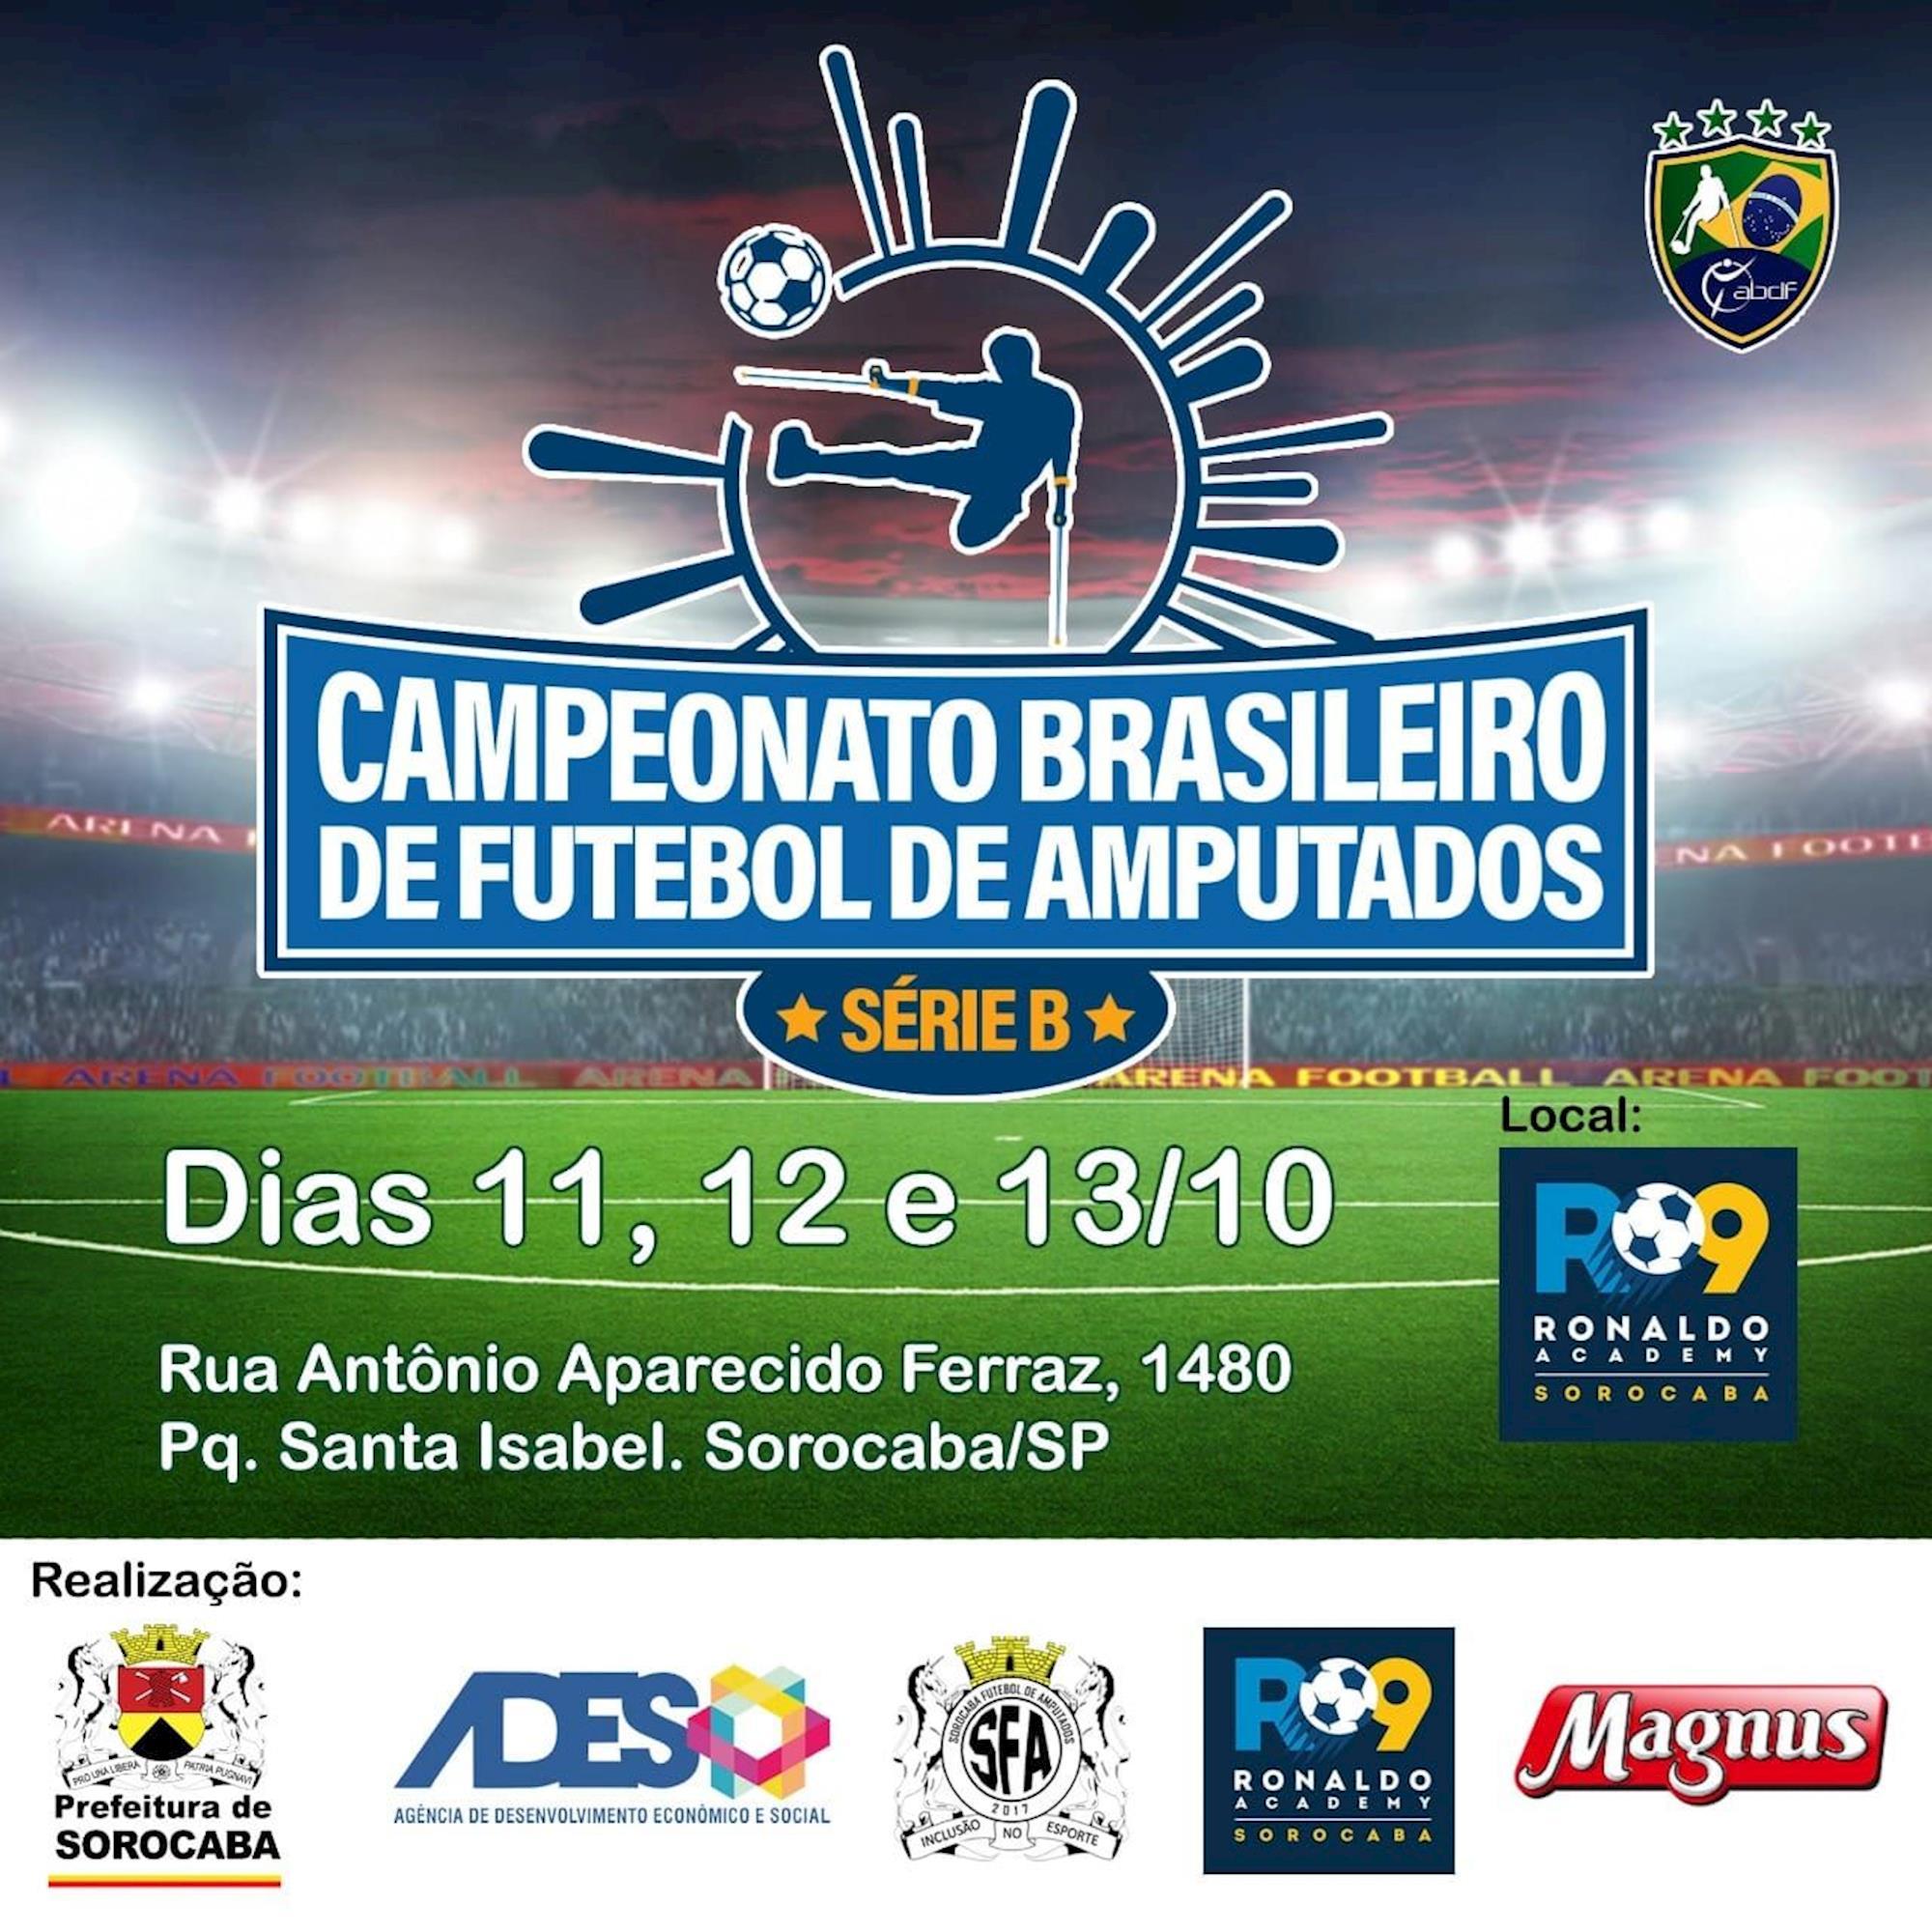 amputado, futebol, sorocaba, brasileiro,, Divulgação